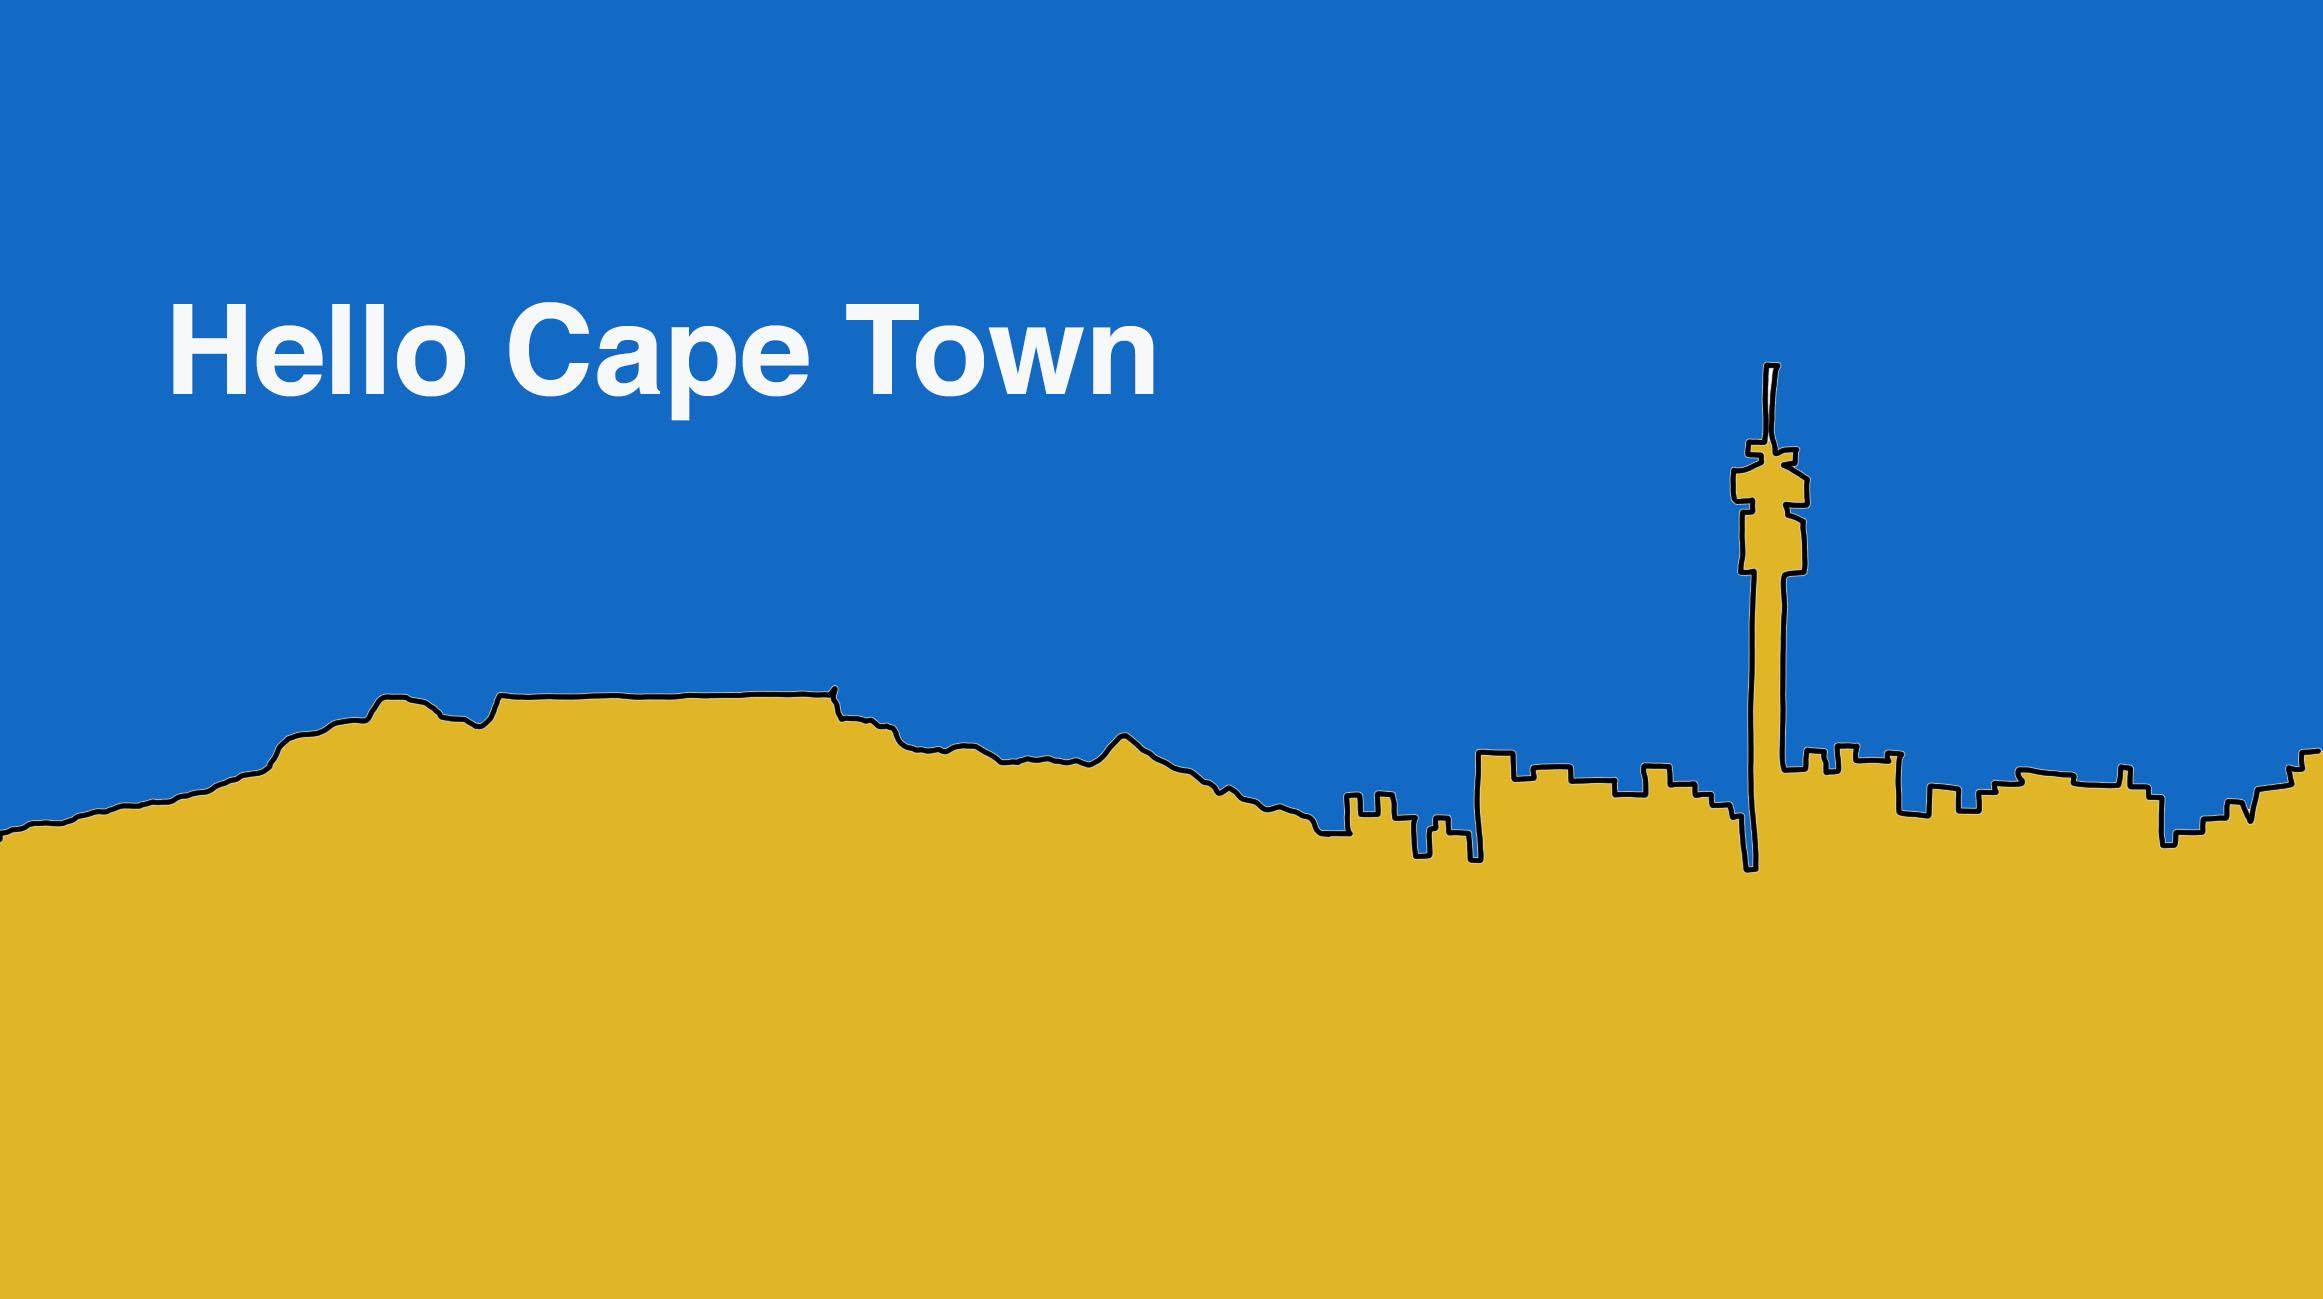 Hello Cape Town